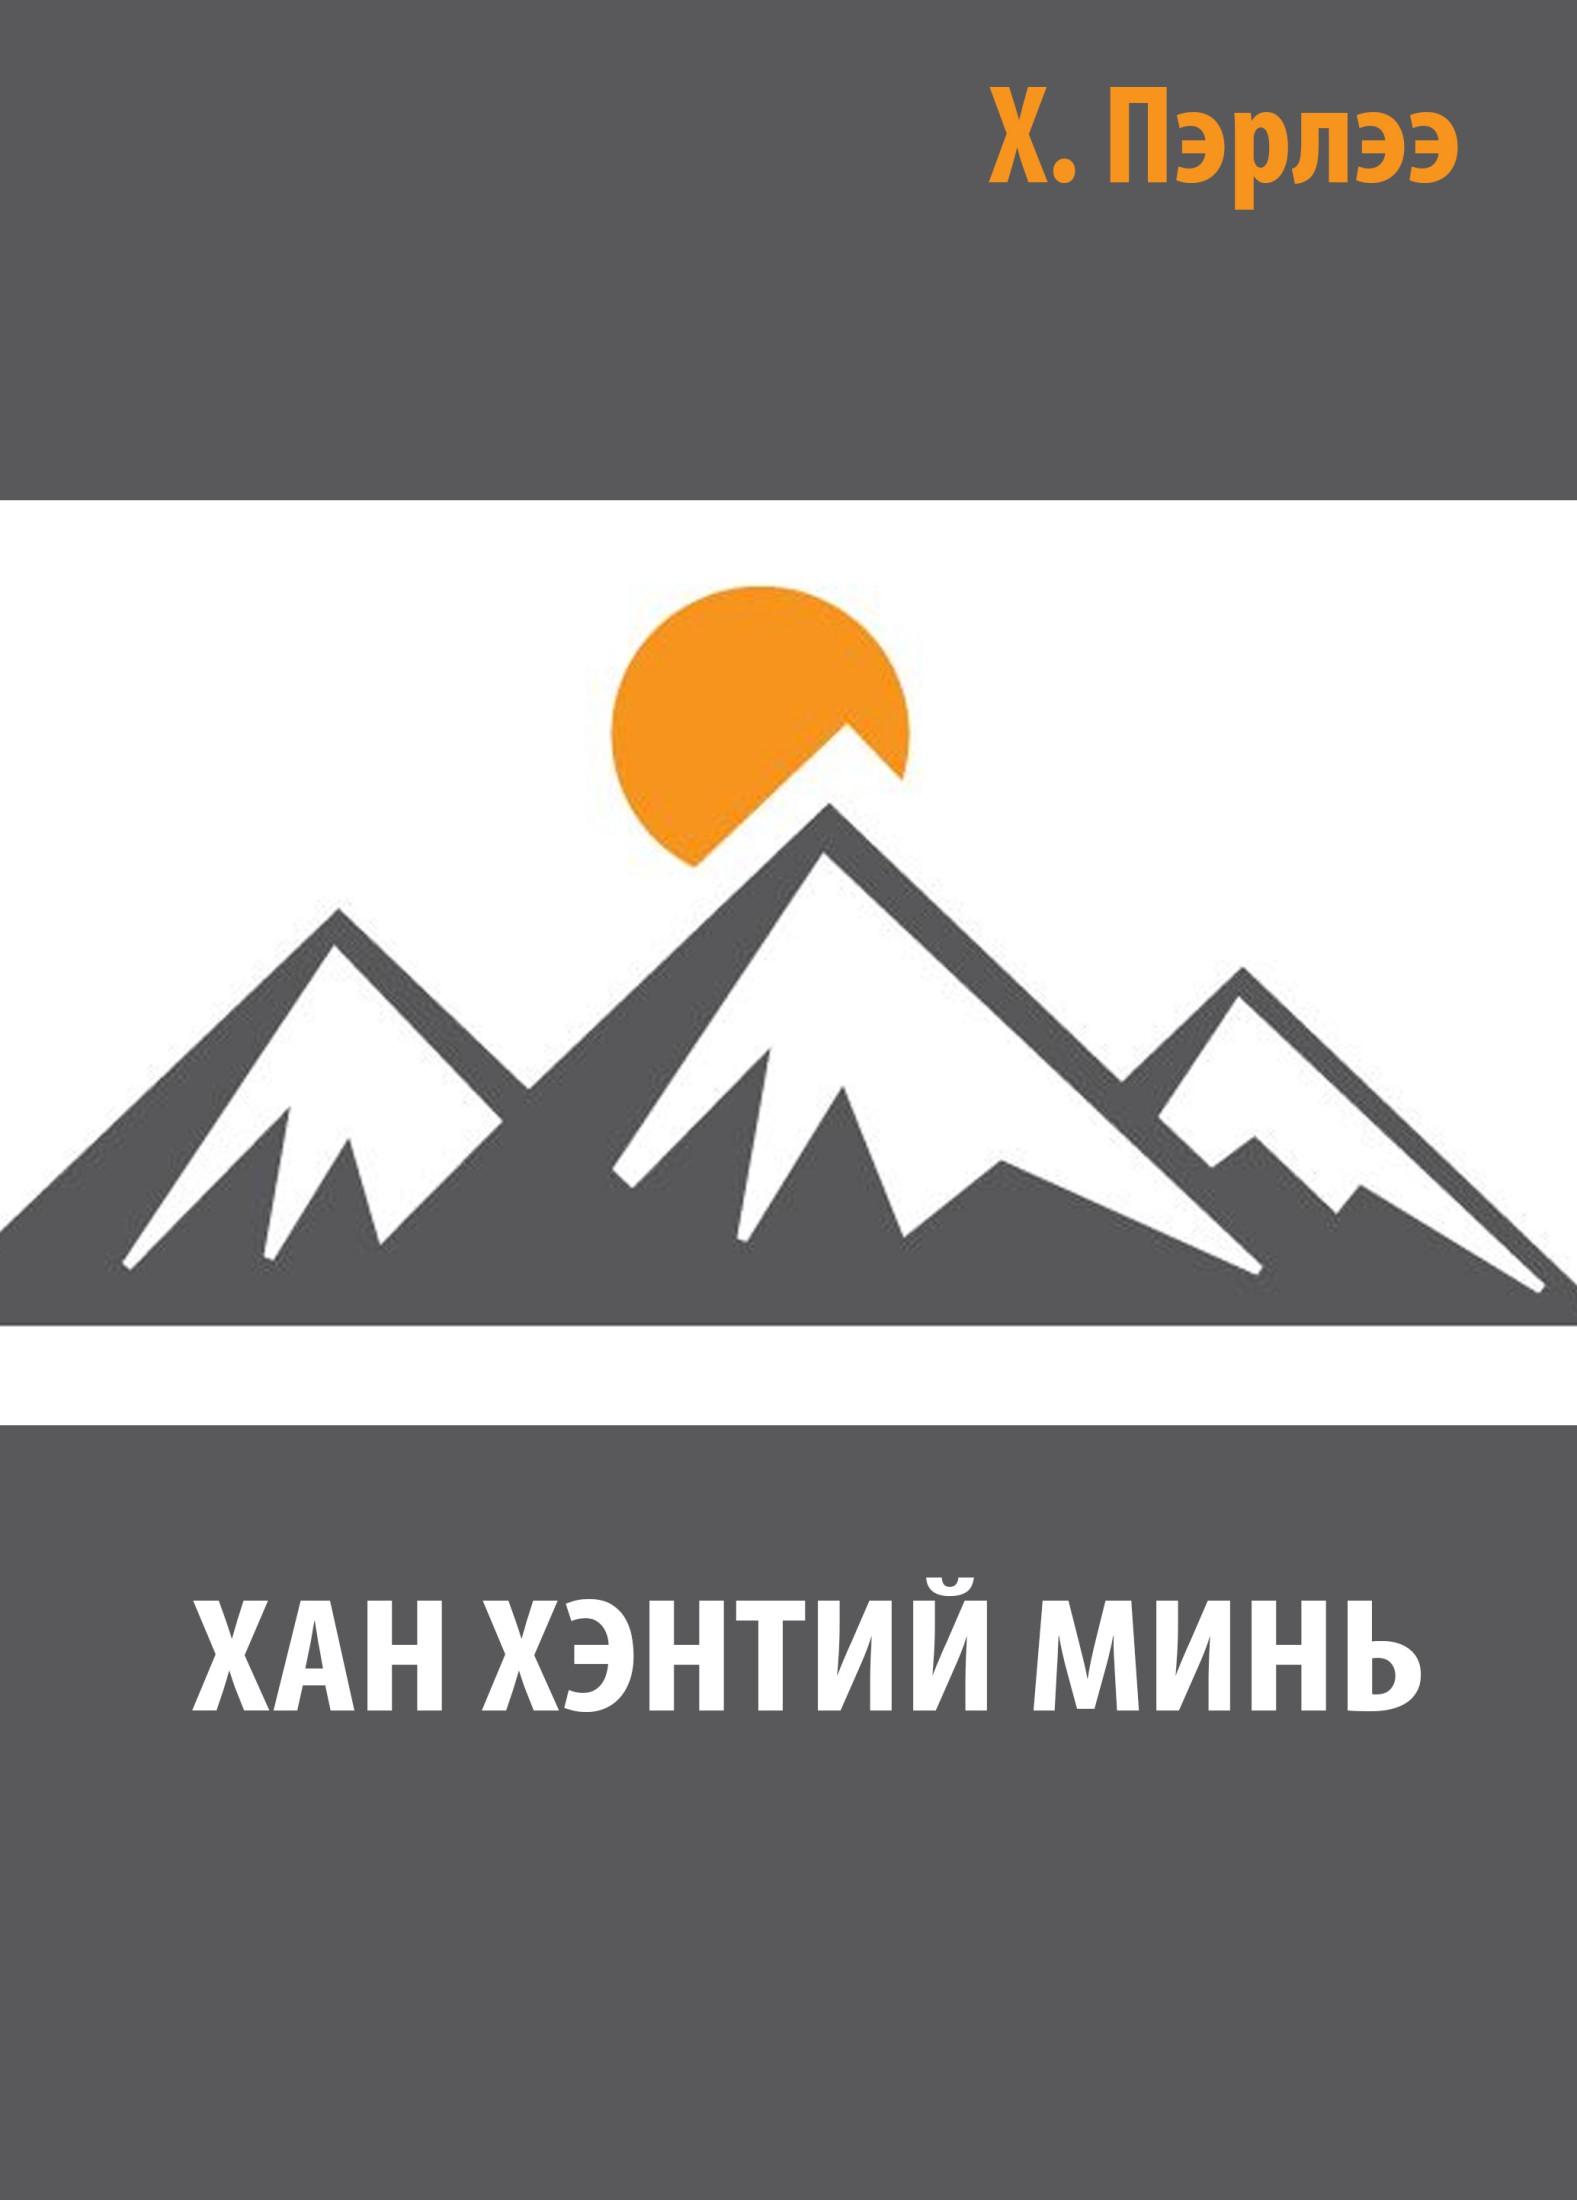 ХАН ХЭНТИЙ МИНЬ